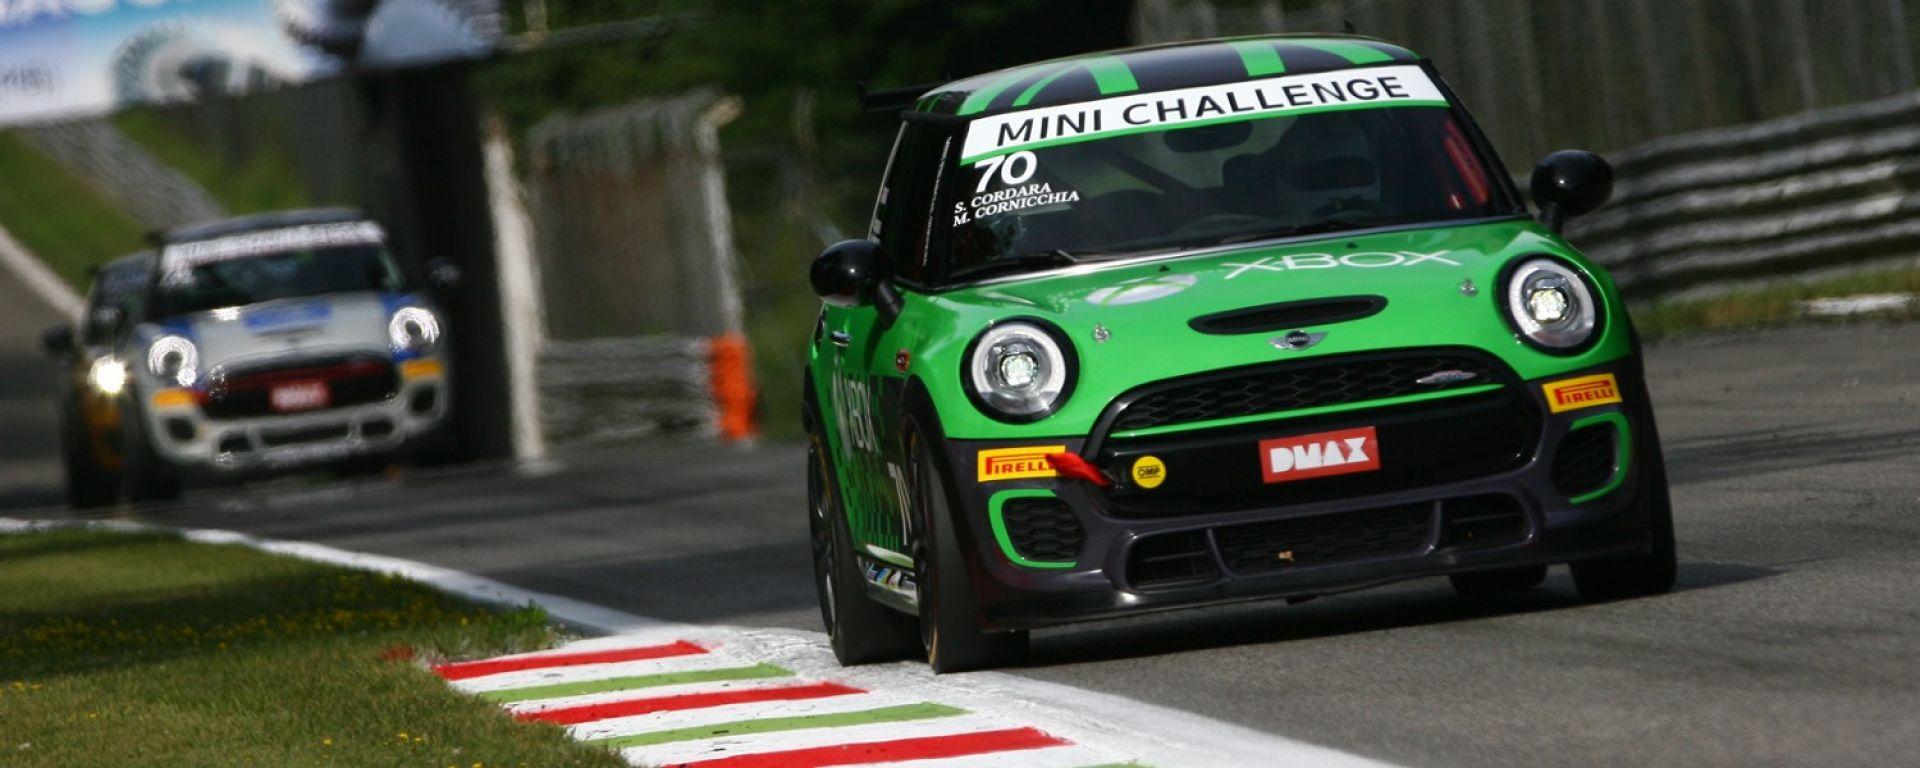 MINI Italia - MINI Challenge 2017, Monza